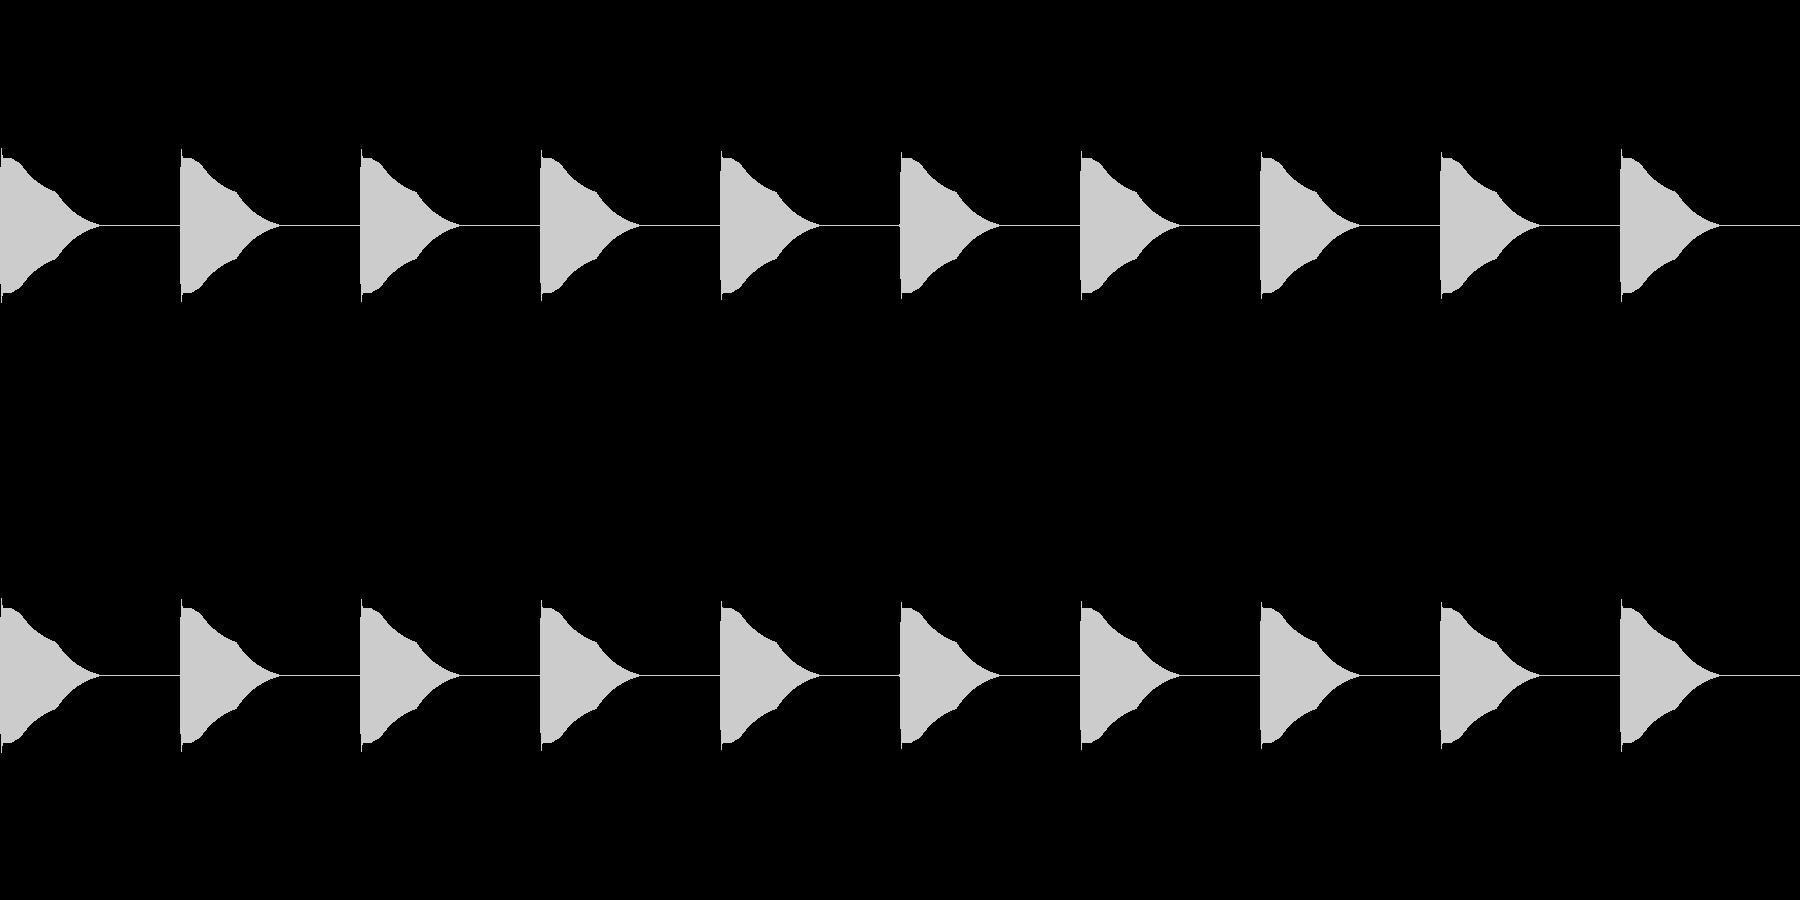 カウントダウン 10秒ループ ポーンの未再生の波形